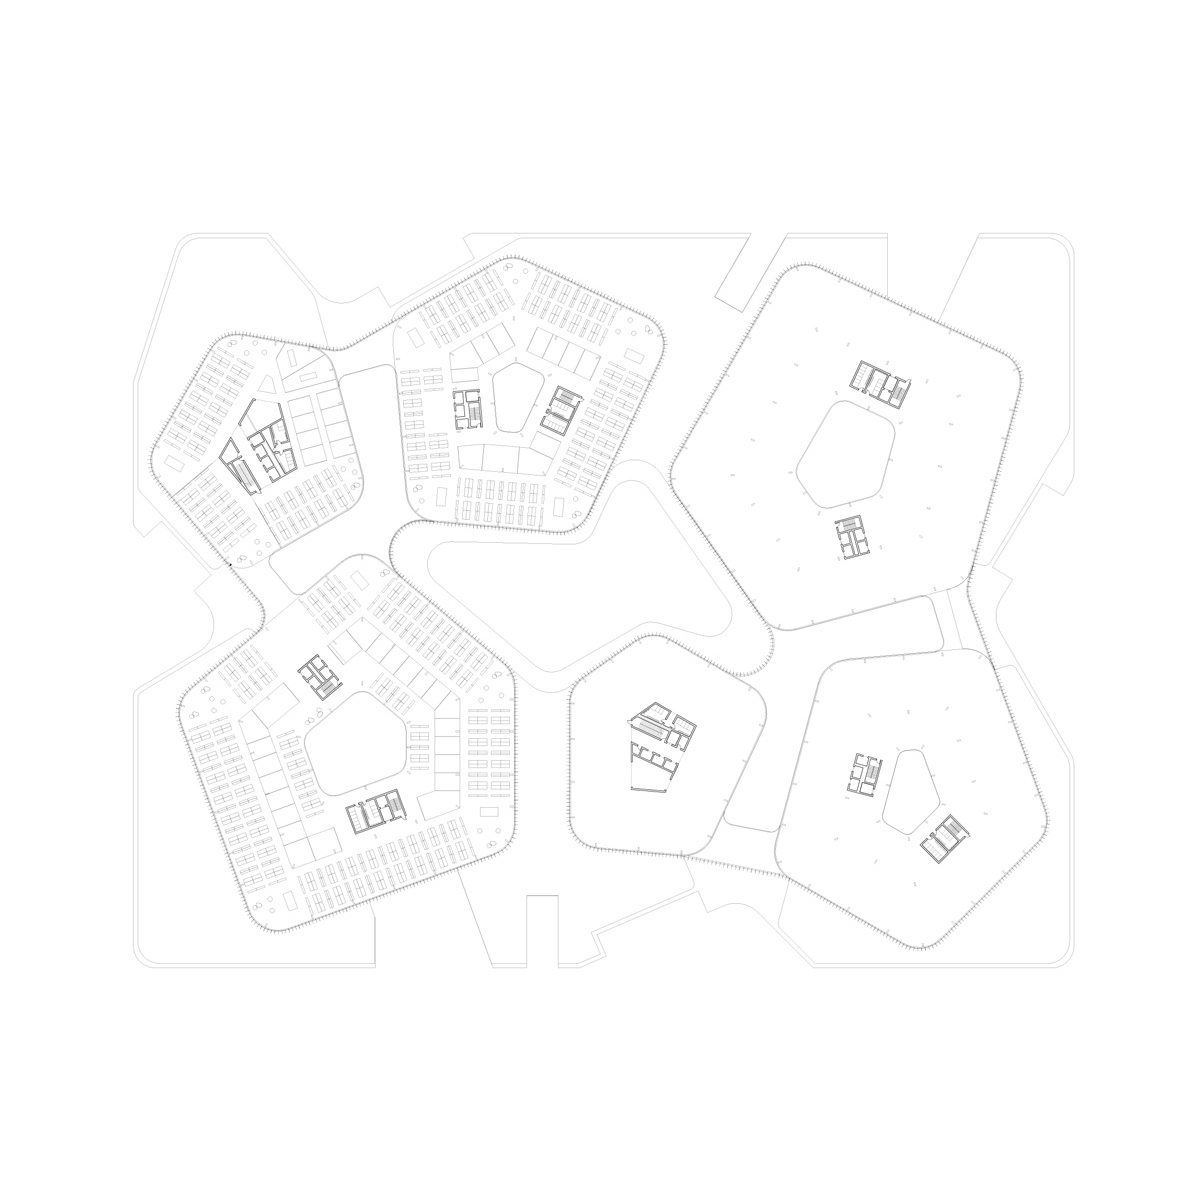 Pelletier de Fontenay_campus54_13_plan.jpg